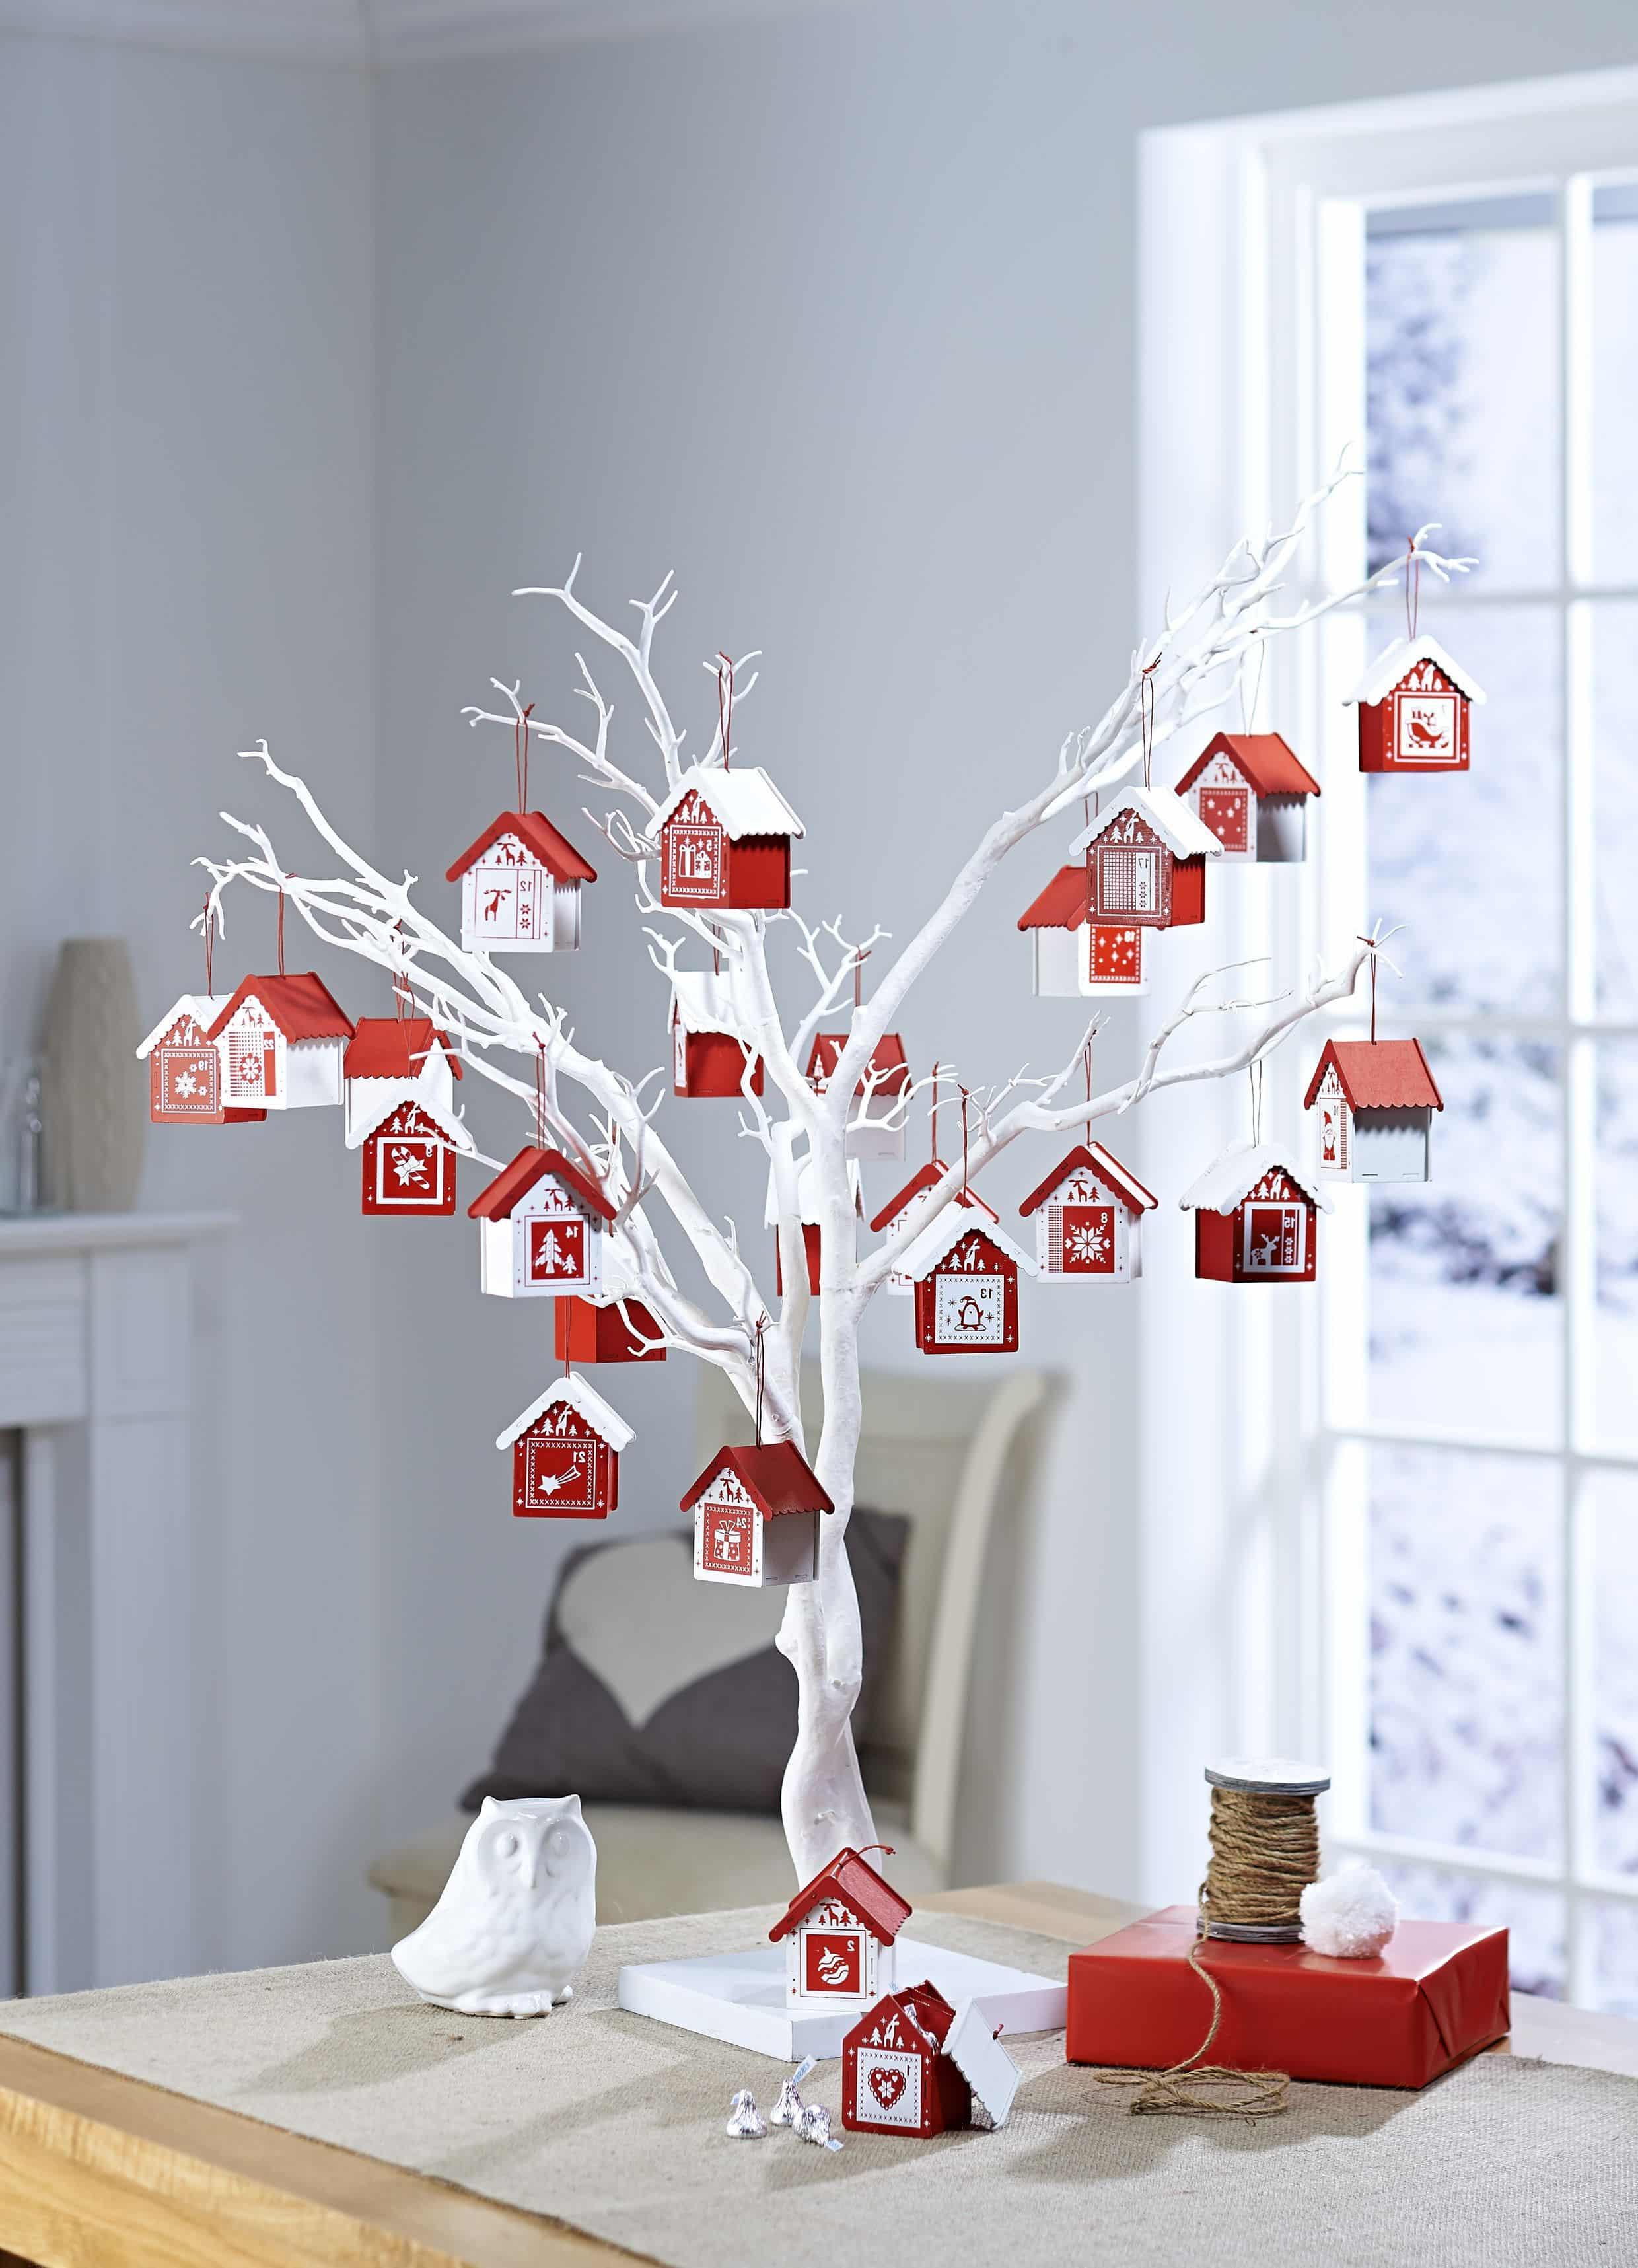 Новогодний декор из веток - один из самых популярных вариантов украшения комнат к Новому году